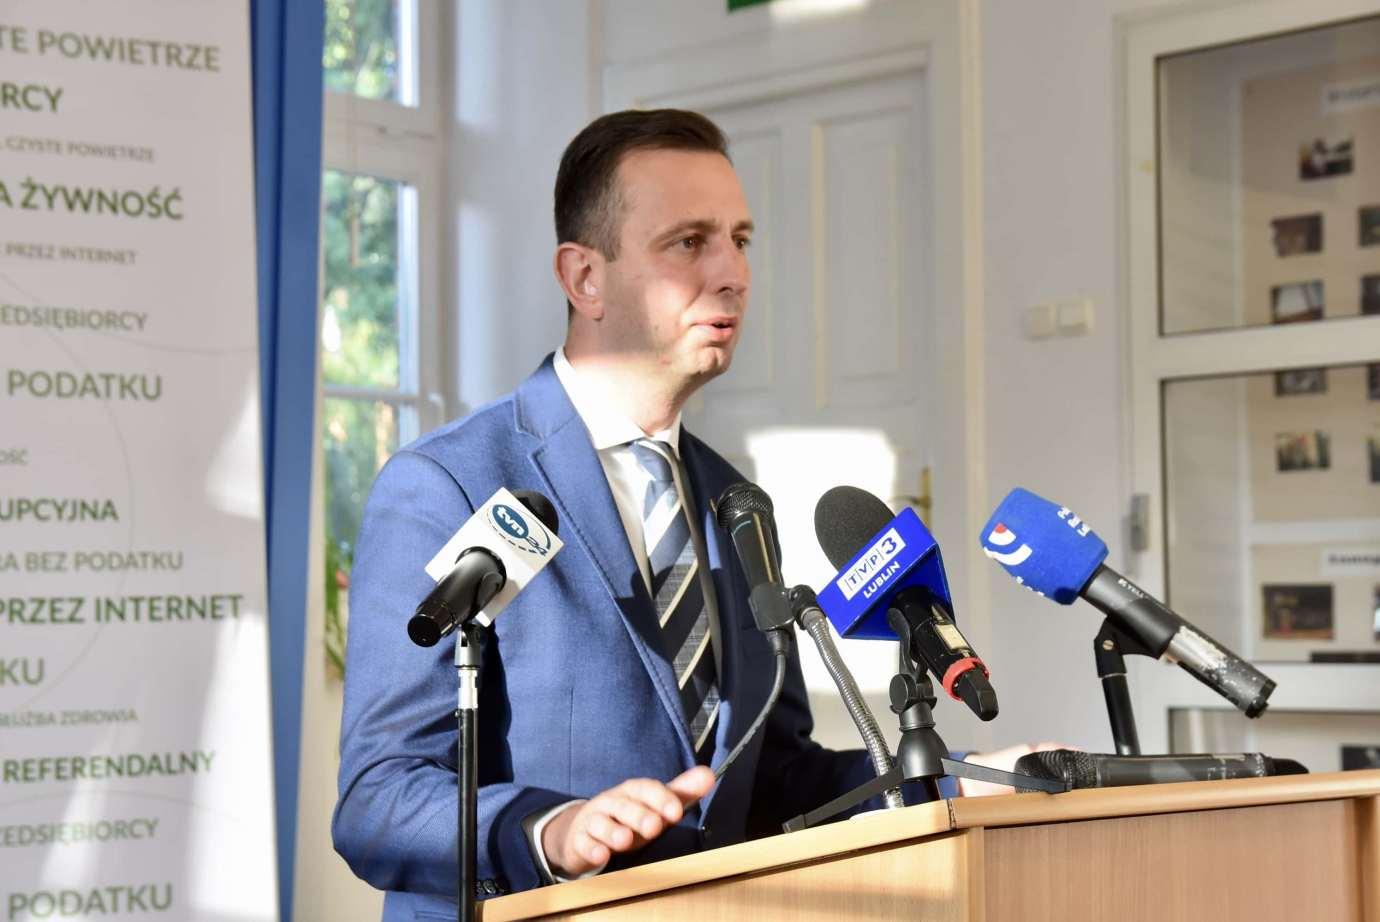 dsc 7281 2 Czy są tu sympatycy Władysława Kosiniaka-Kamysza? Spotkania z kandydatem w Zamościu i okolicy.